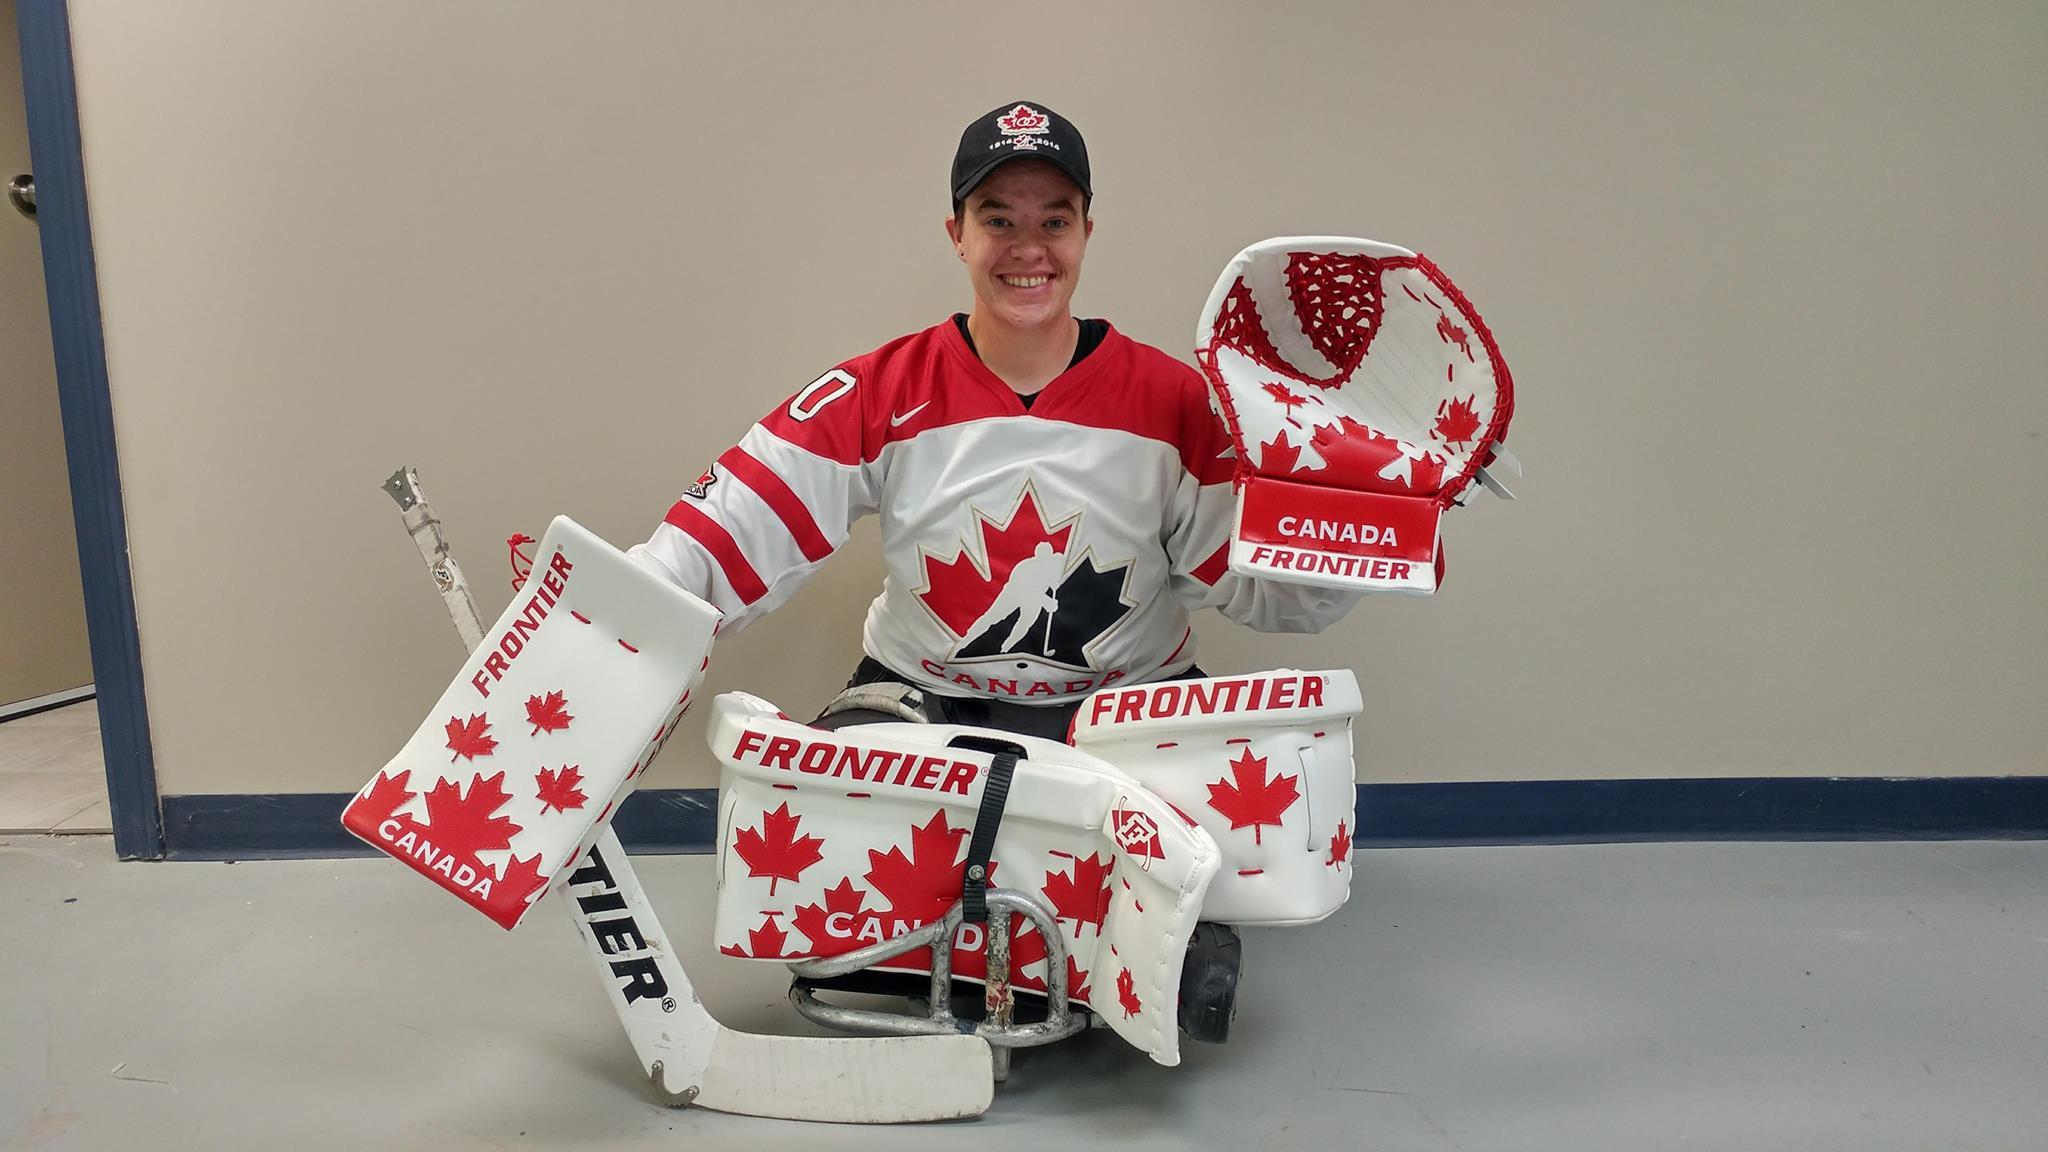 Sledge Hockey Goalie Gear For Team Canada Goalie Jessie Gregory